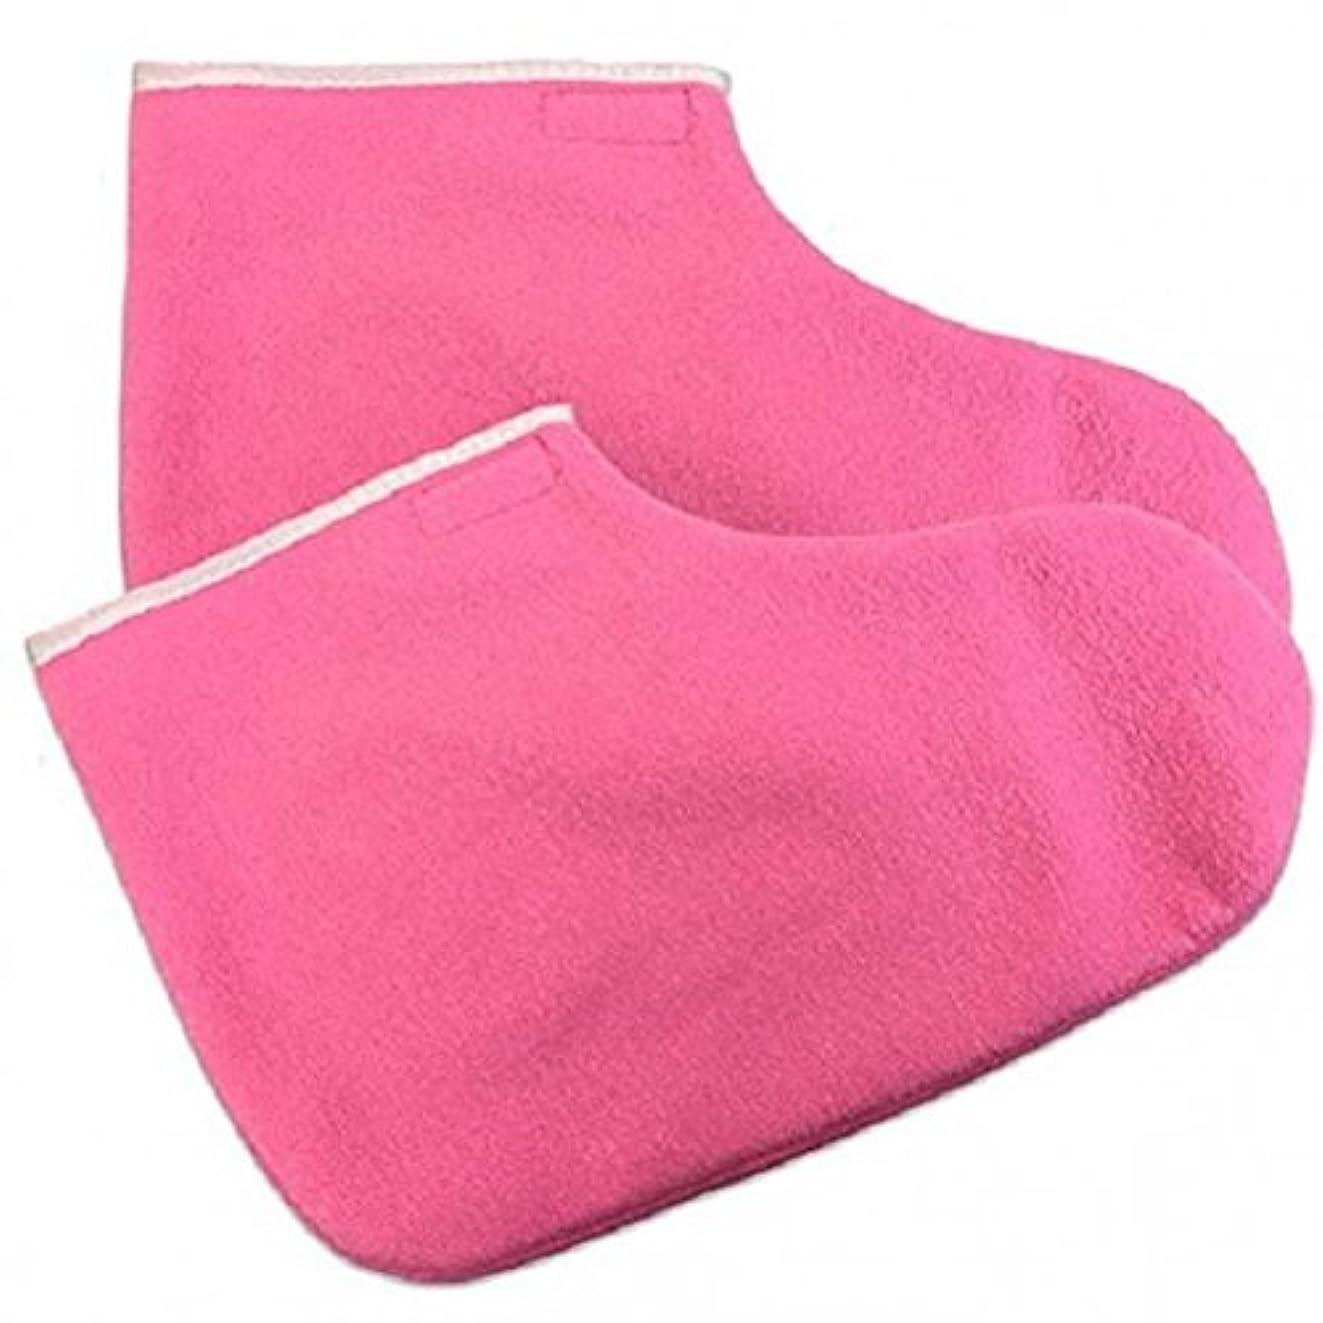 シーフード侮辱ミントsharprepublic パラフィン フット グローブ 手袋 ユニセックス パラフィンブーツ 綿製 ボディケア 用品